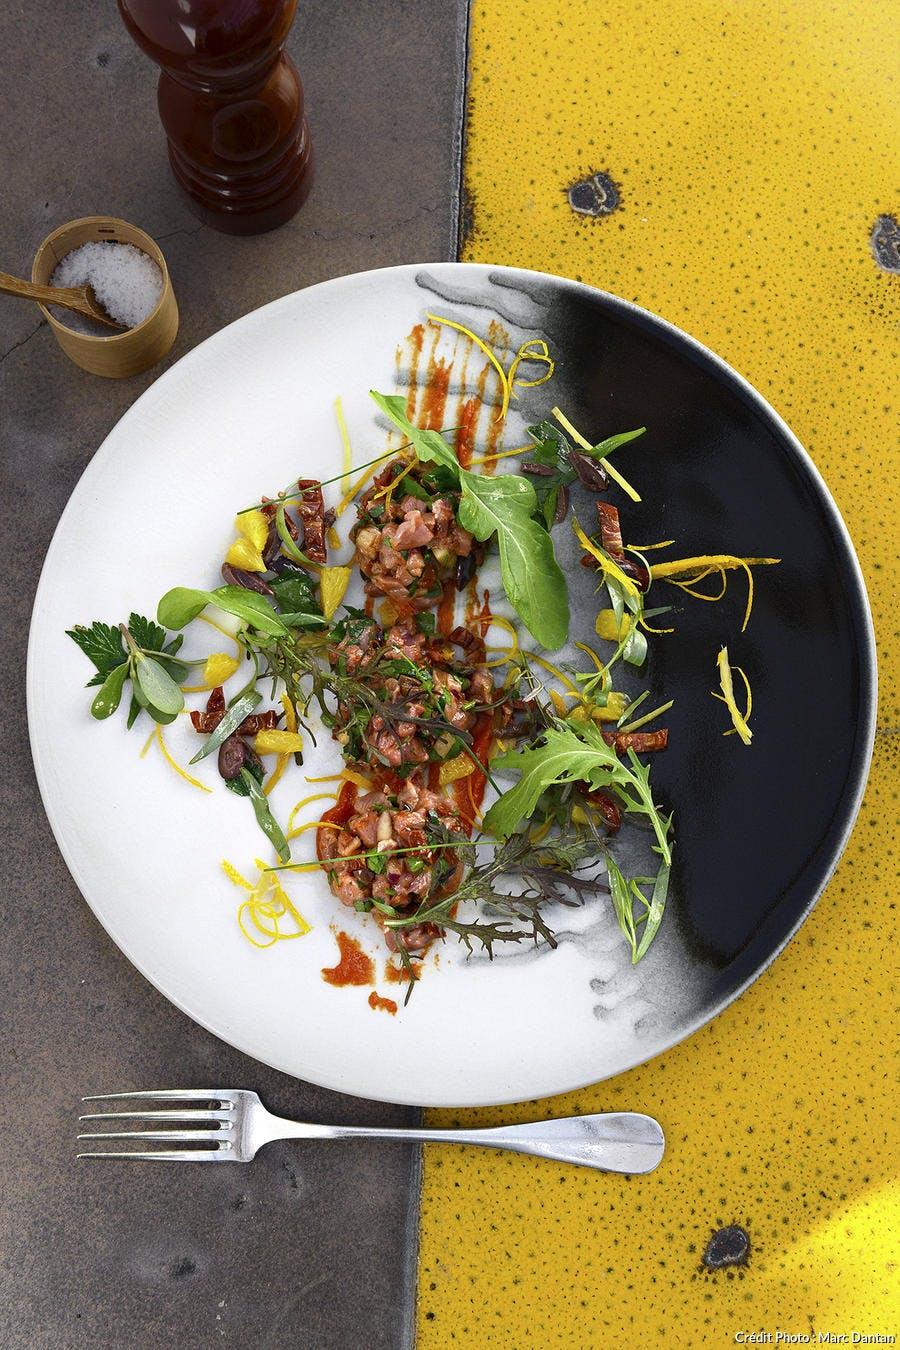 r58_tartare-taureau-gardianne-olives-noires-agrumes_md.jpg